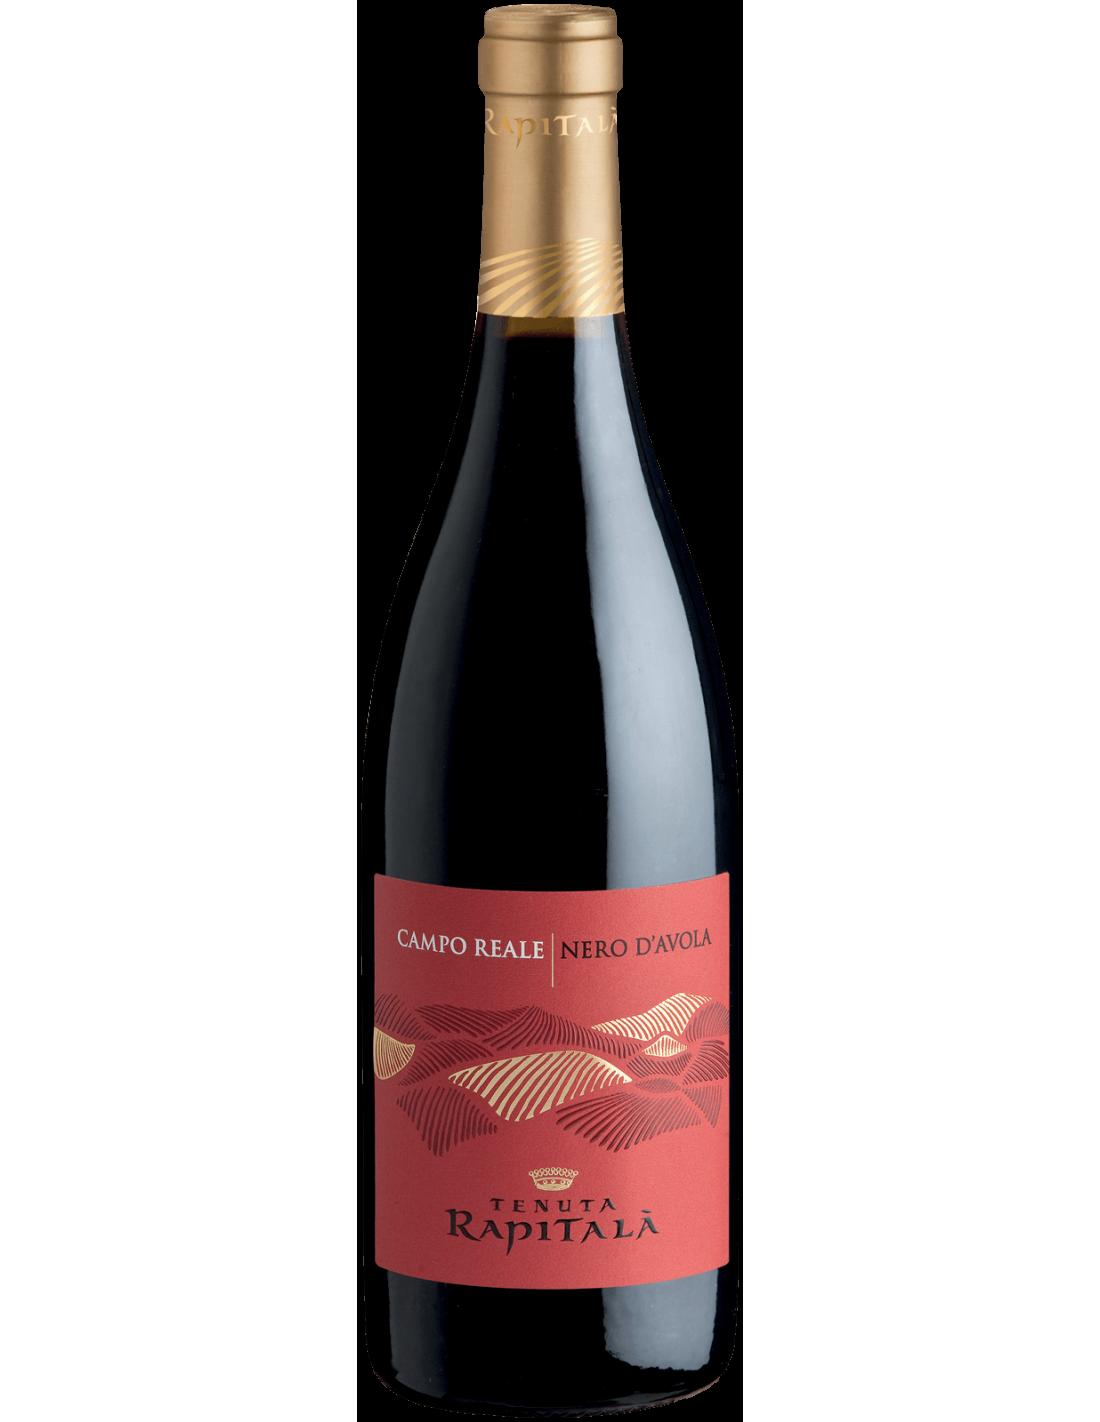 Vin rosu, Nero d'Avola, Tenuta Rapitalà Sicilia, 0.75L, 13.5% alc., Italia